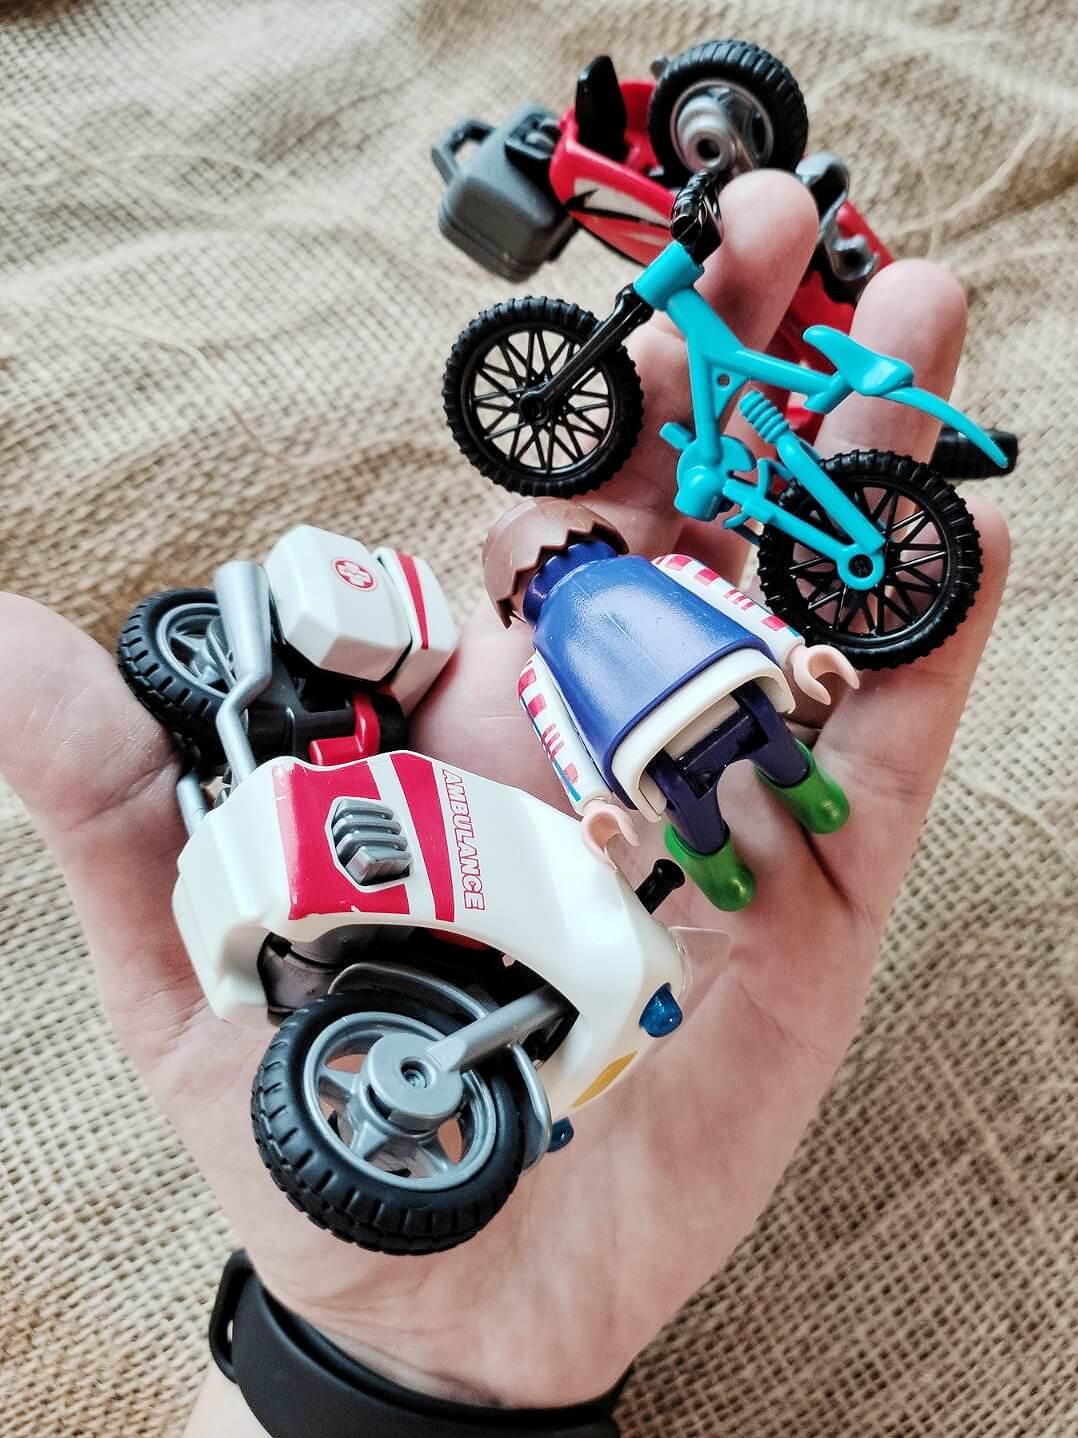 Knete rückstandslos von Spielzeug entfernen